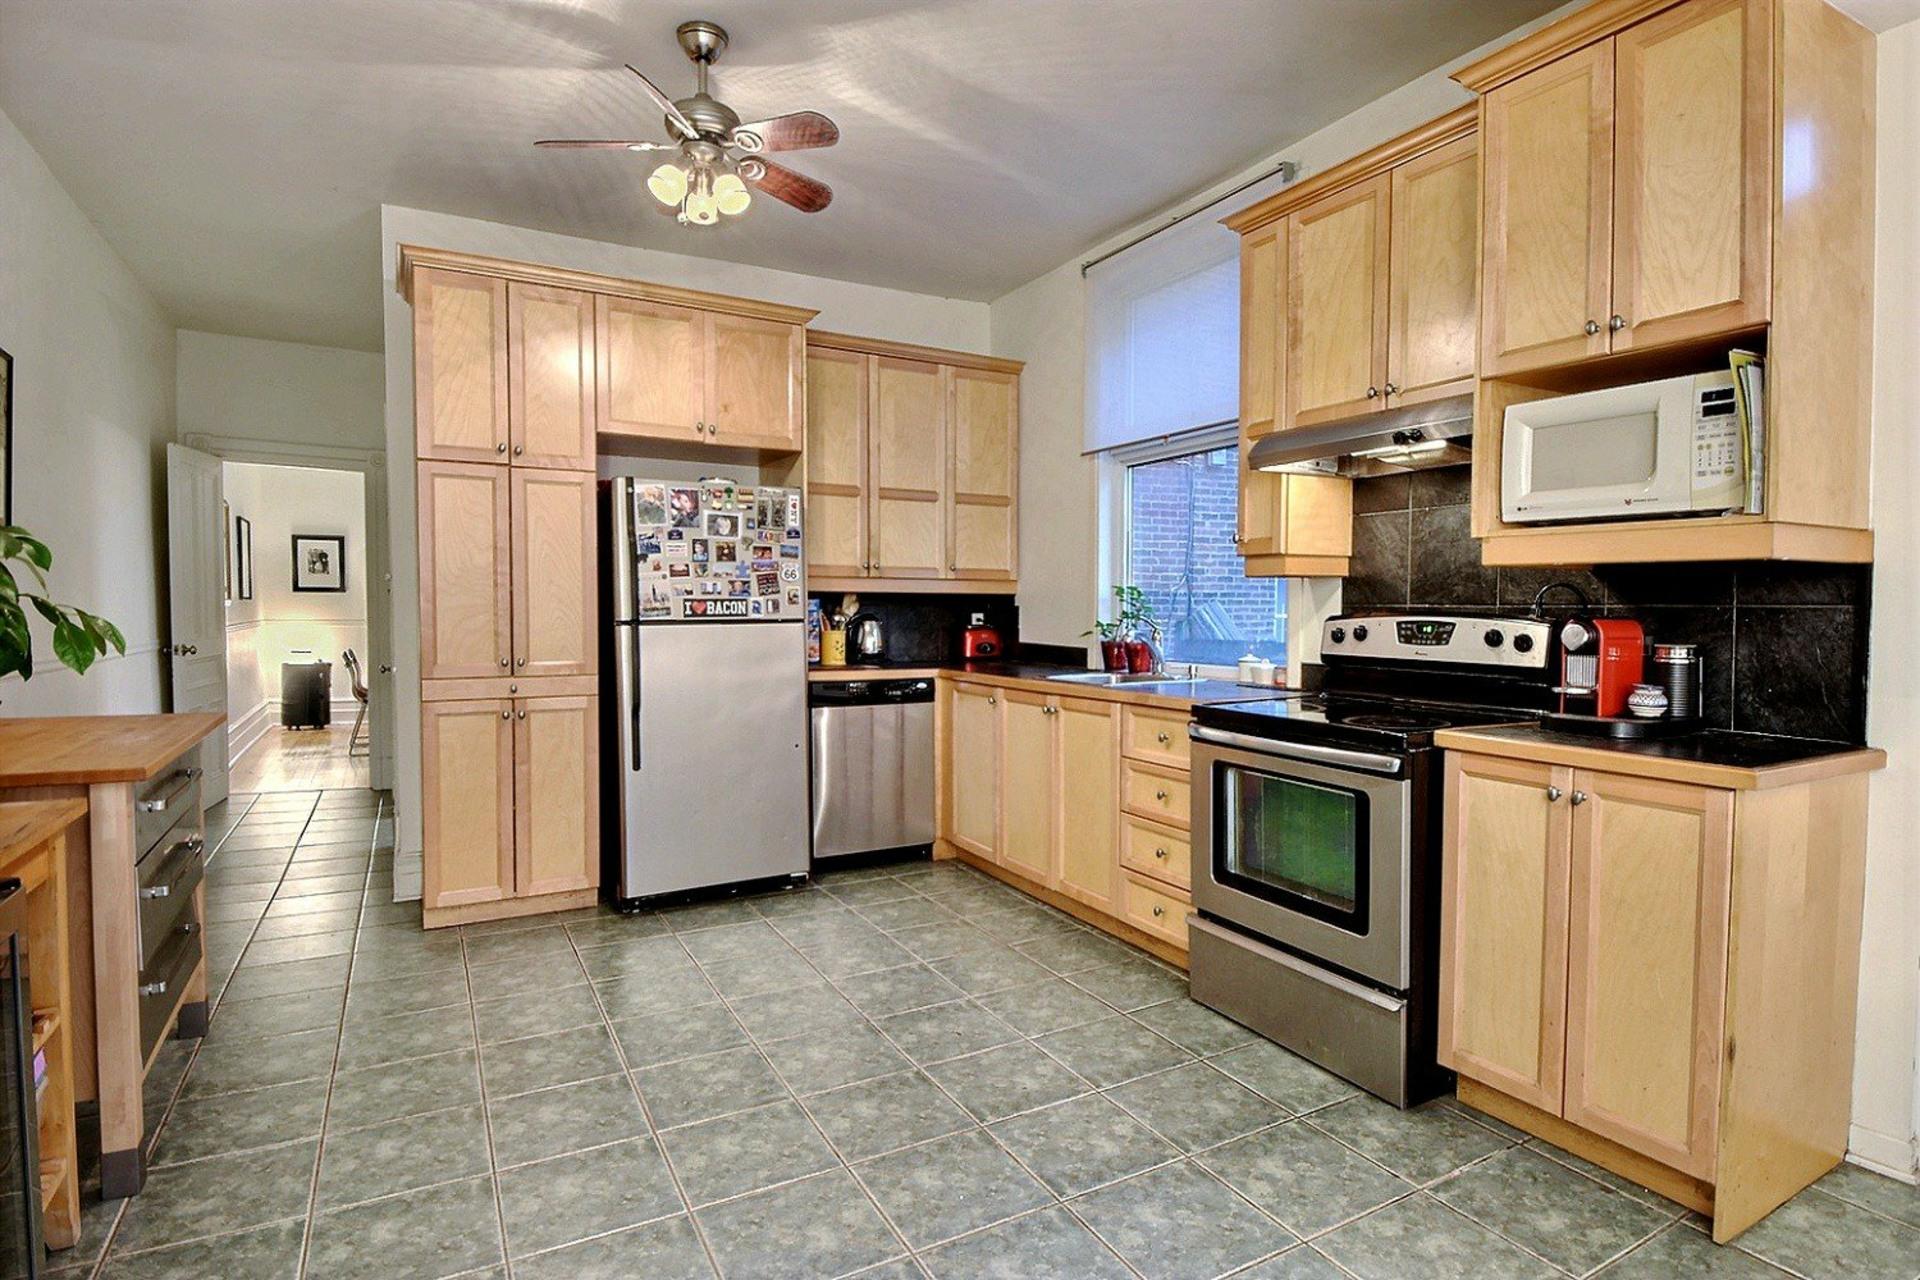 image 10 - Appartement À vendre Le Plateau-Mont-Royal Montréal  - 7 pièces